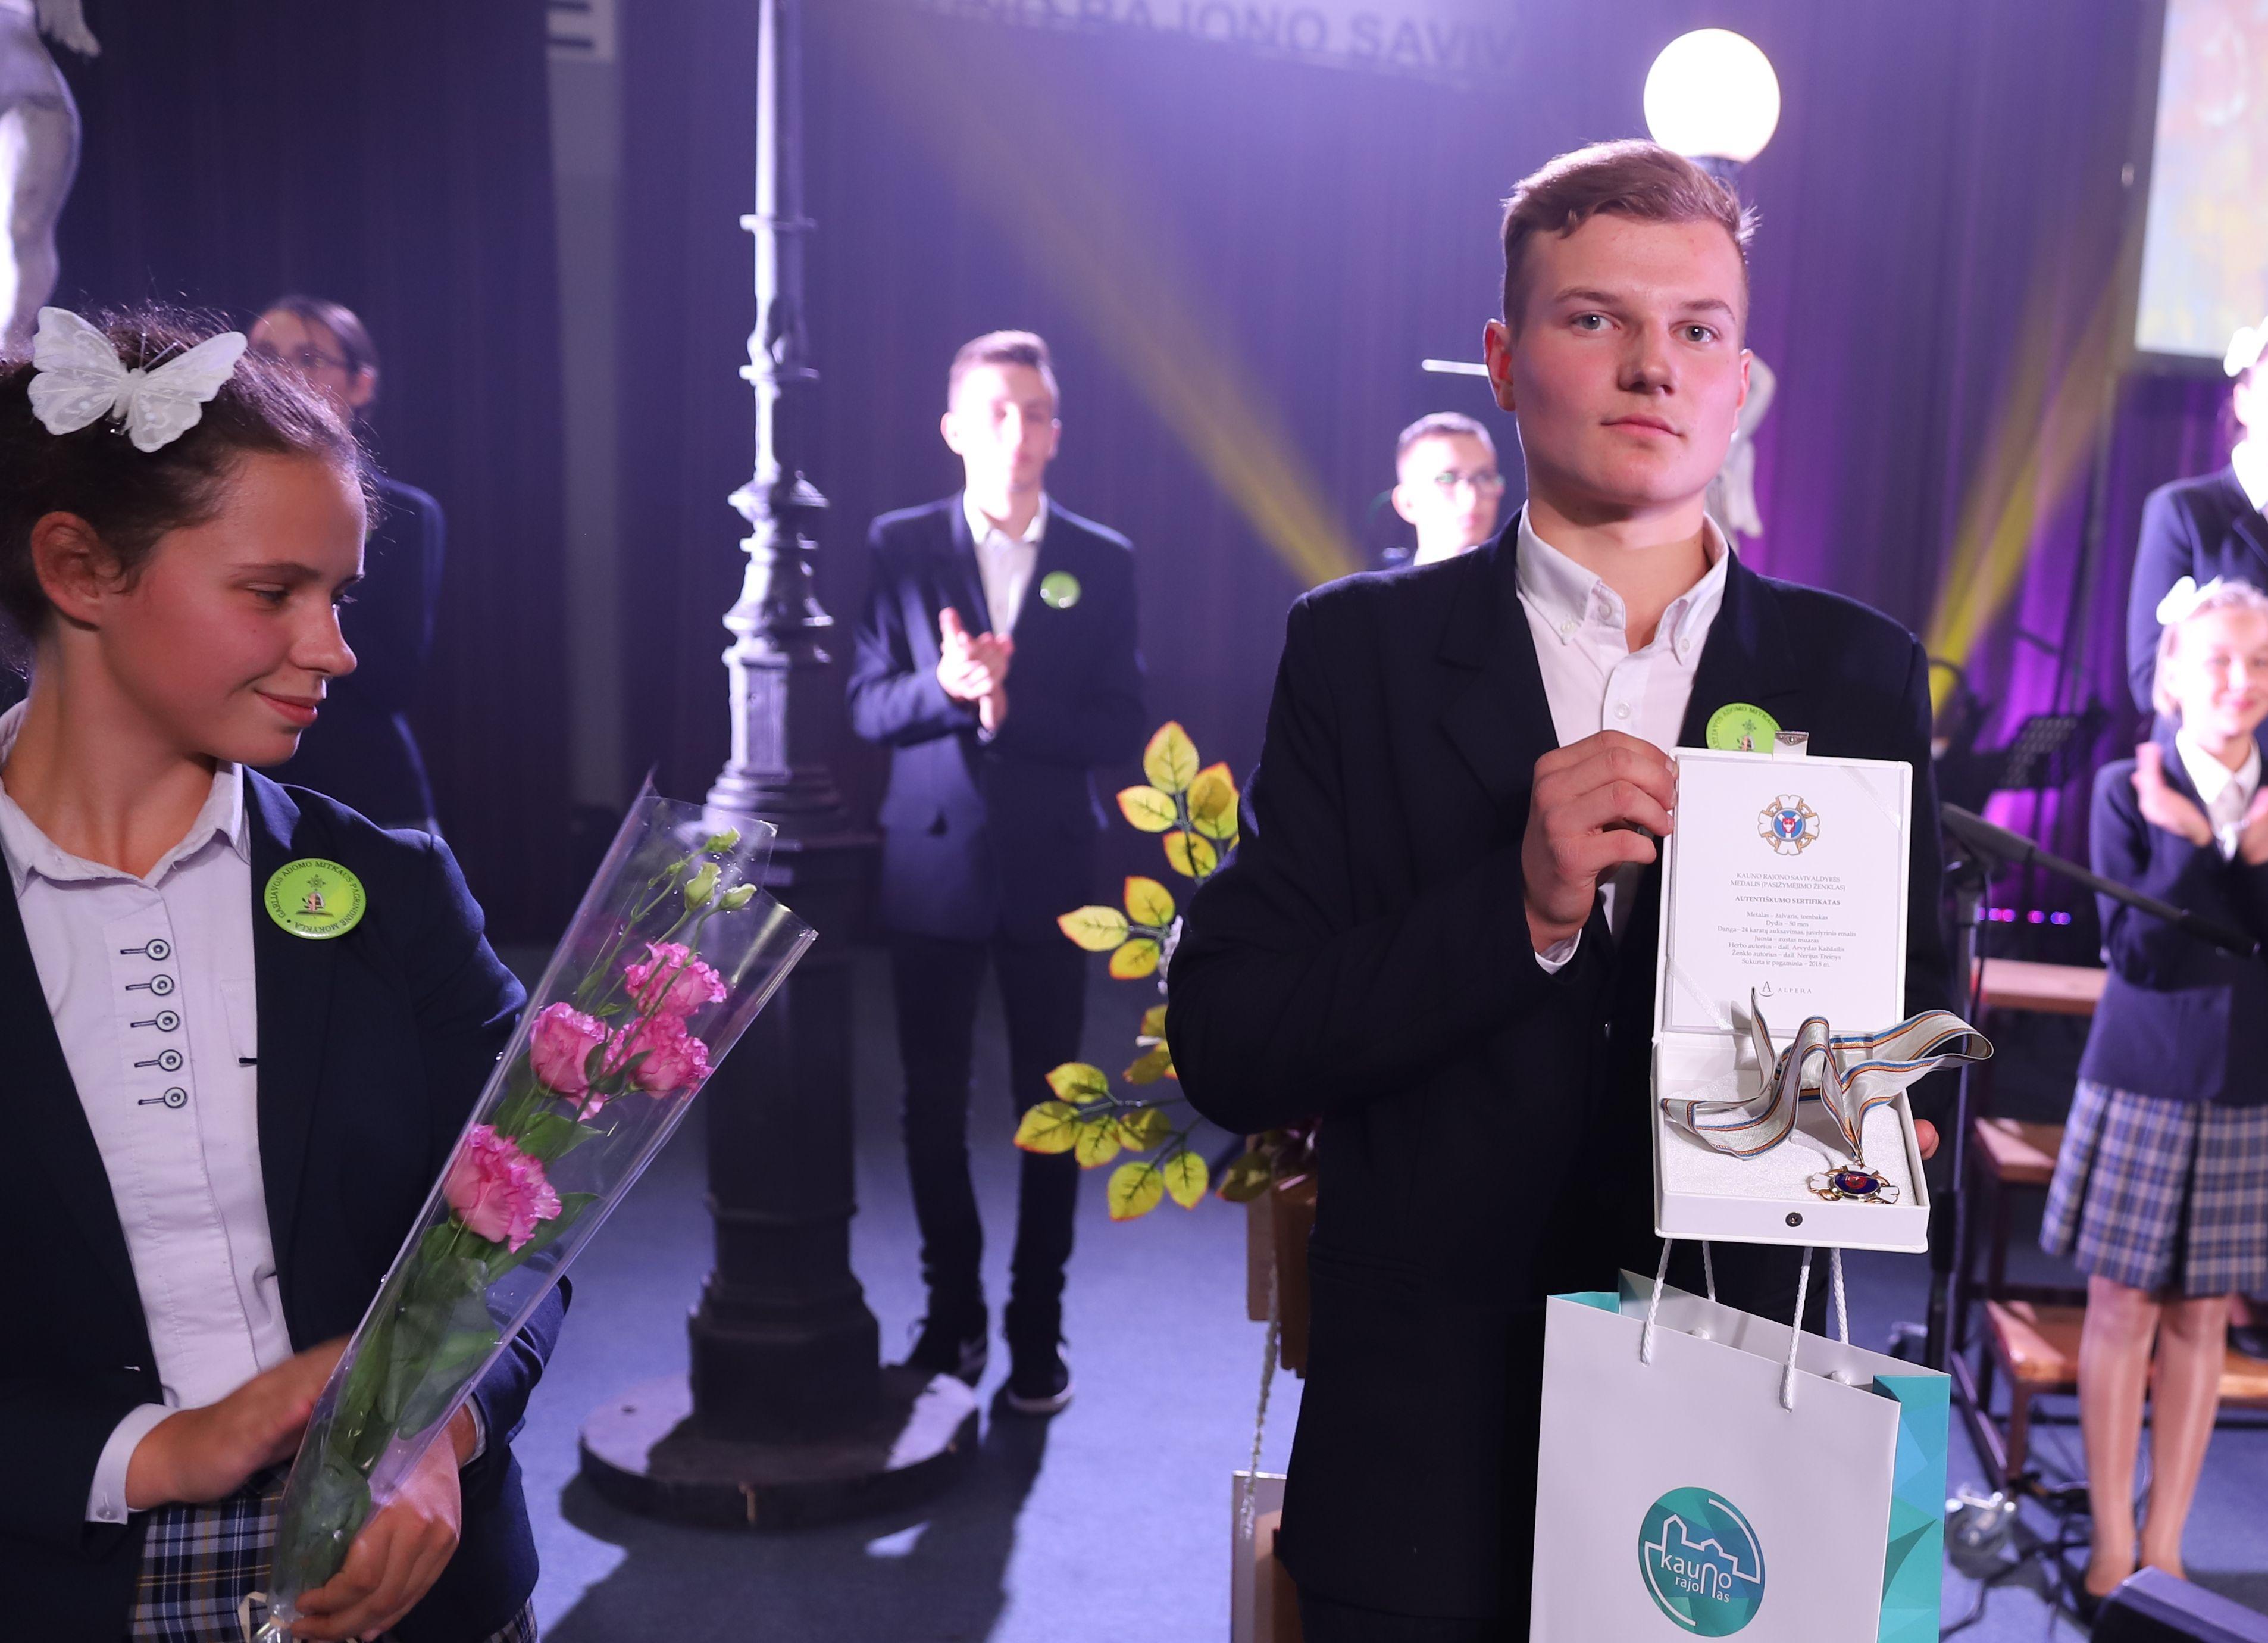 Tarptautinės mokytojų dienos minėjimas | Kauno rajono savivaldybės nuotr.